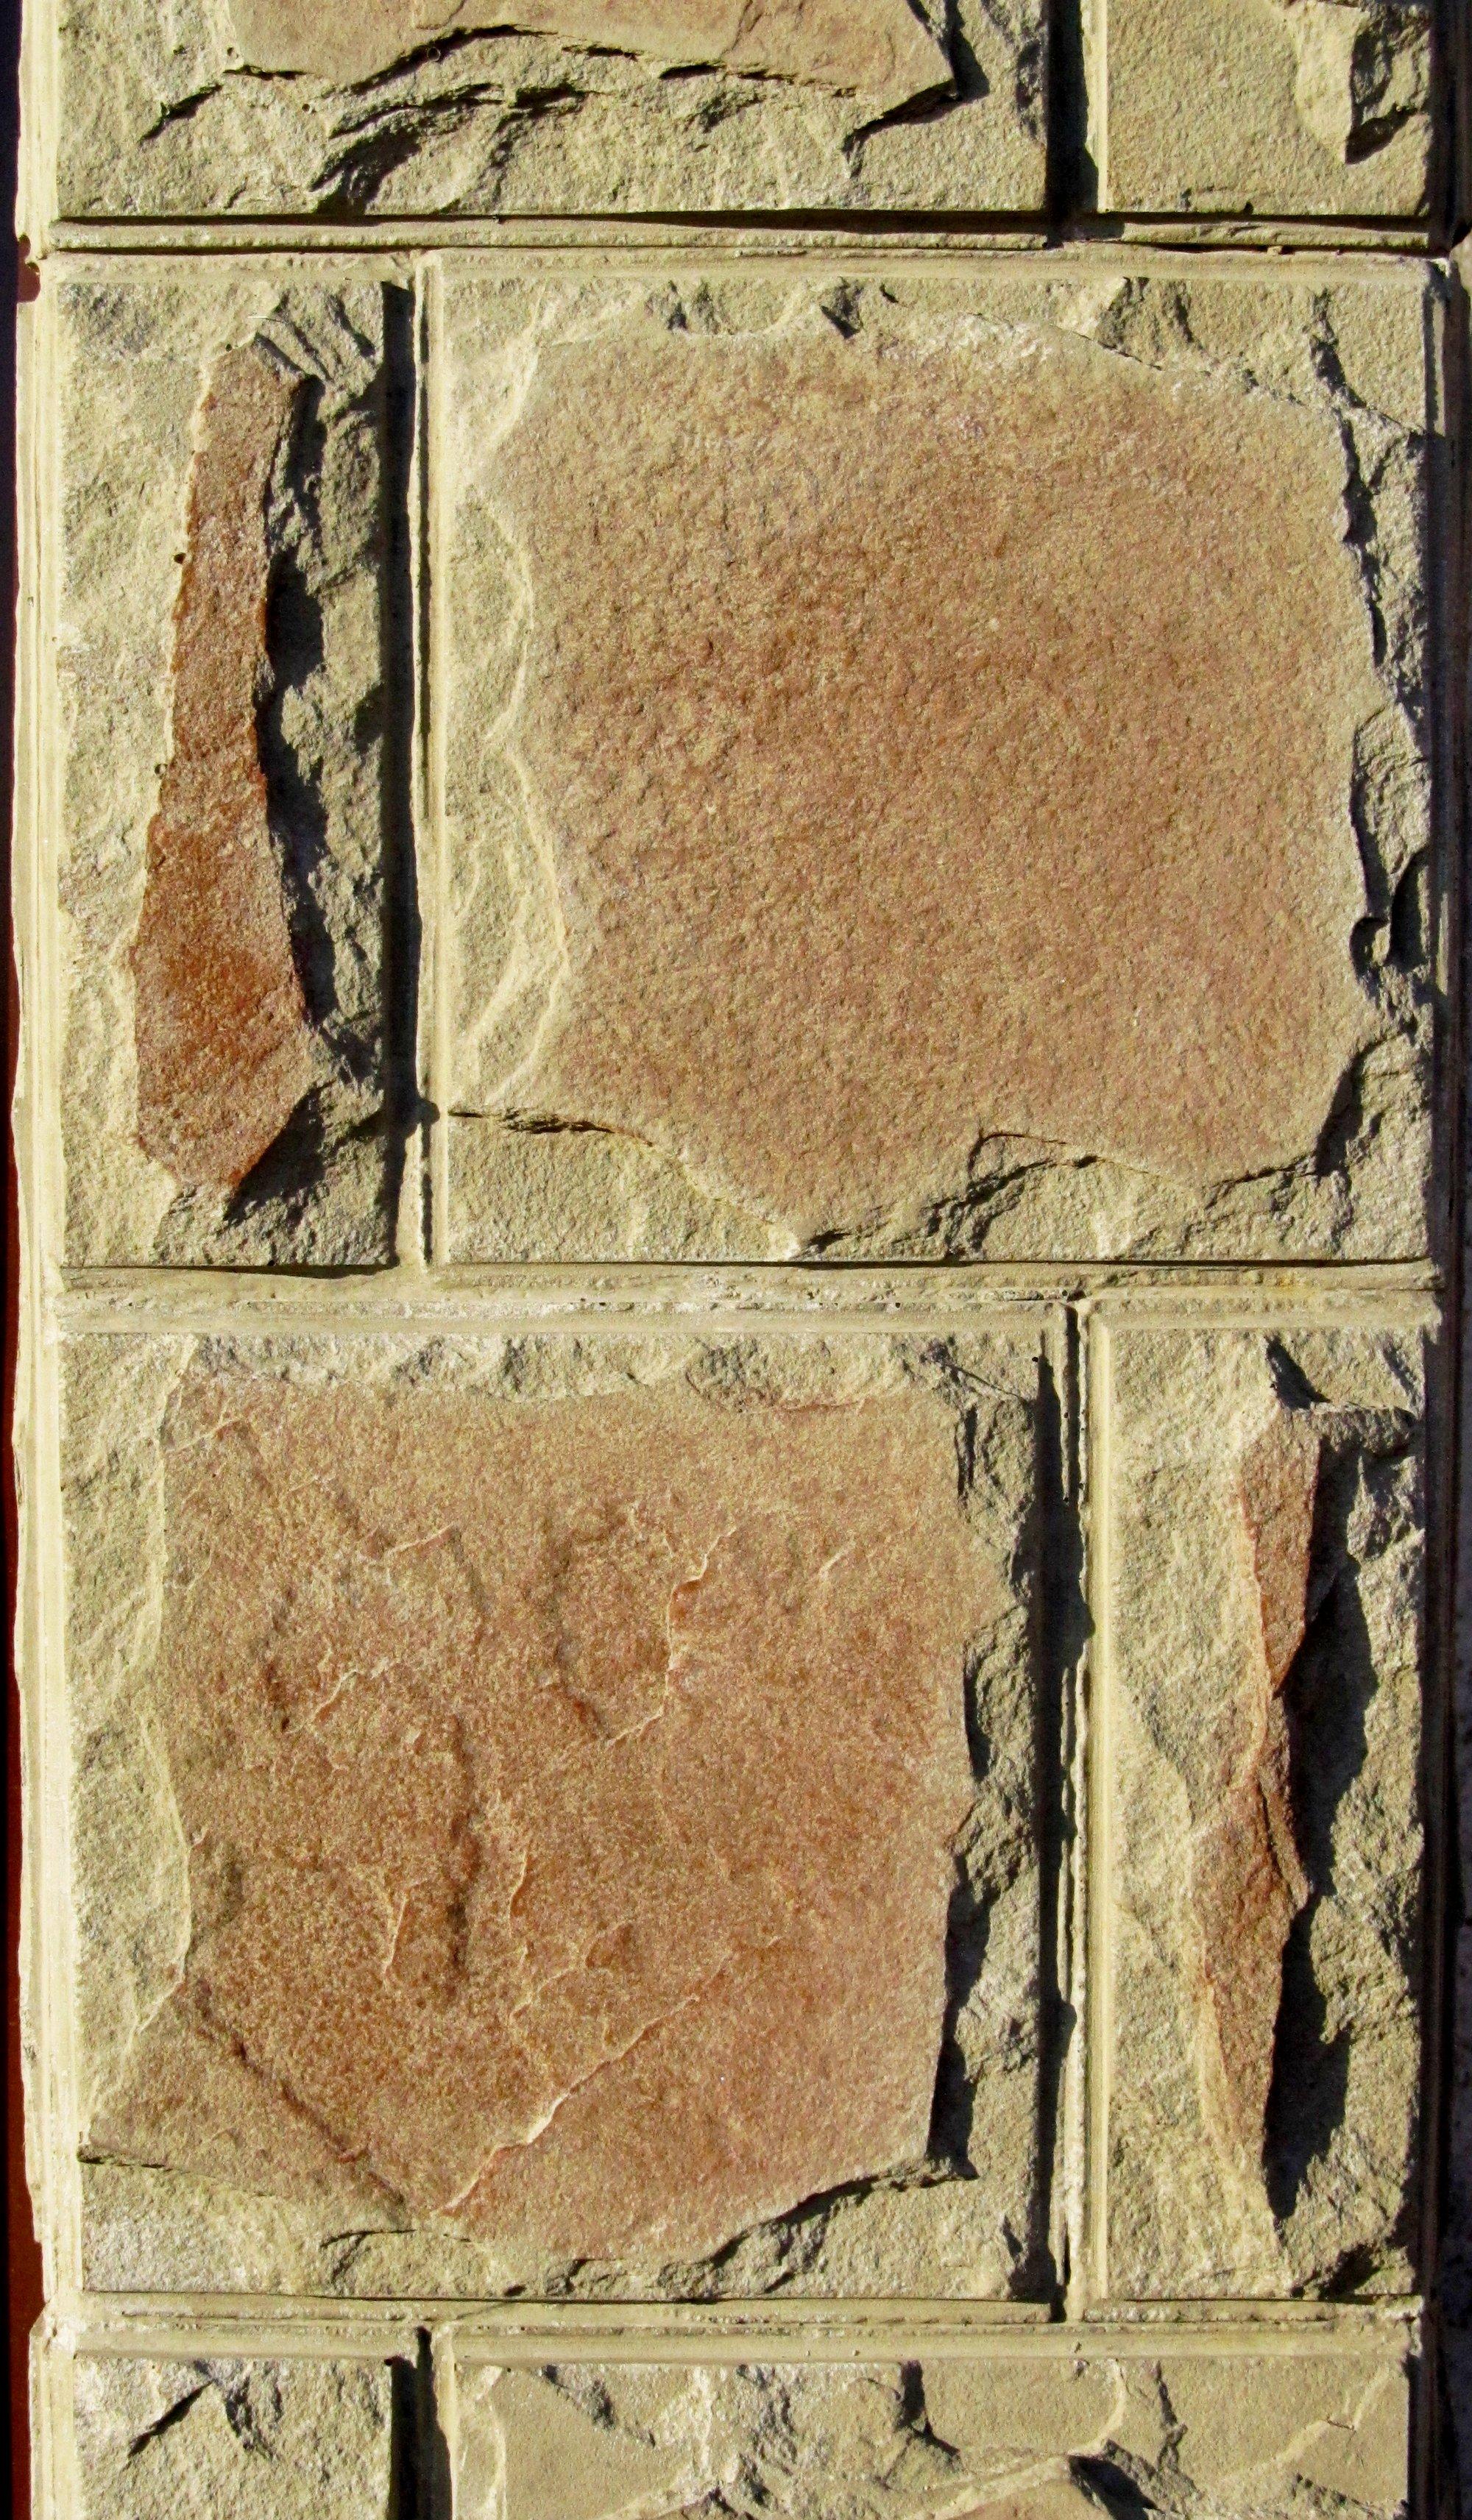 Нажмите на изображение для увеличения Название: Фото столба бетонного забора колотый камень.jpg Просмотров: 10 Размер:1.82 Мб ID:333689